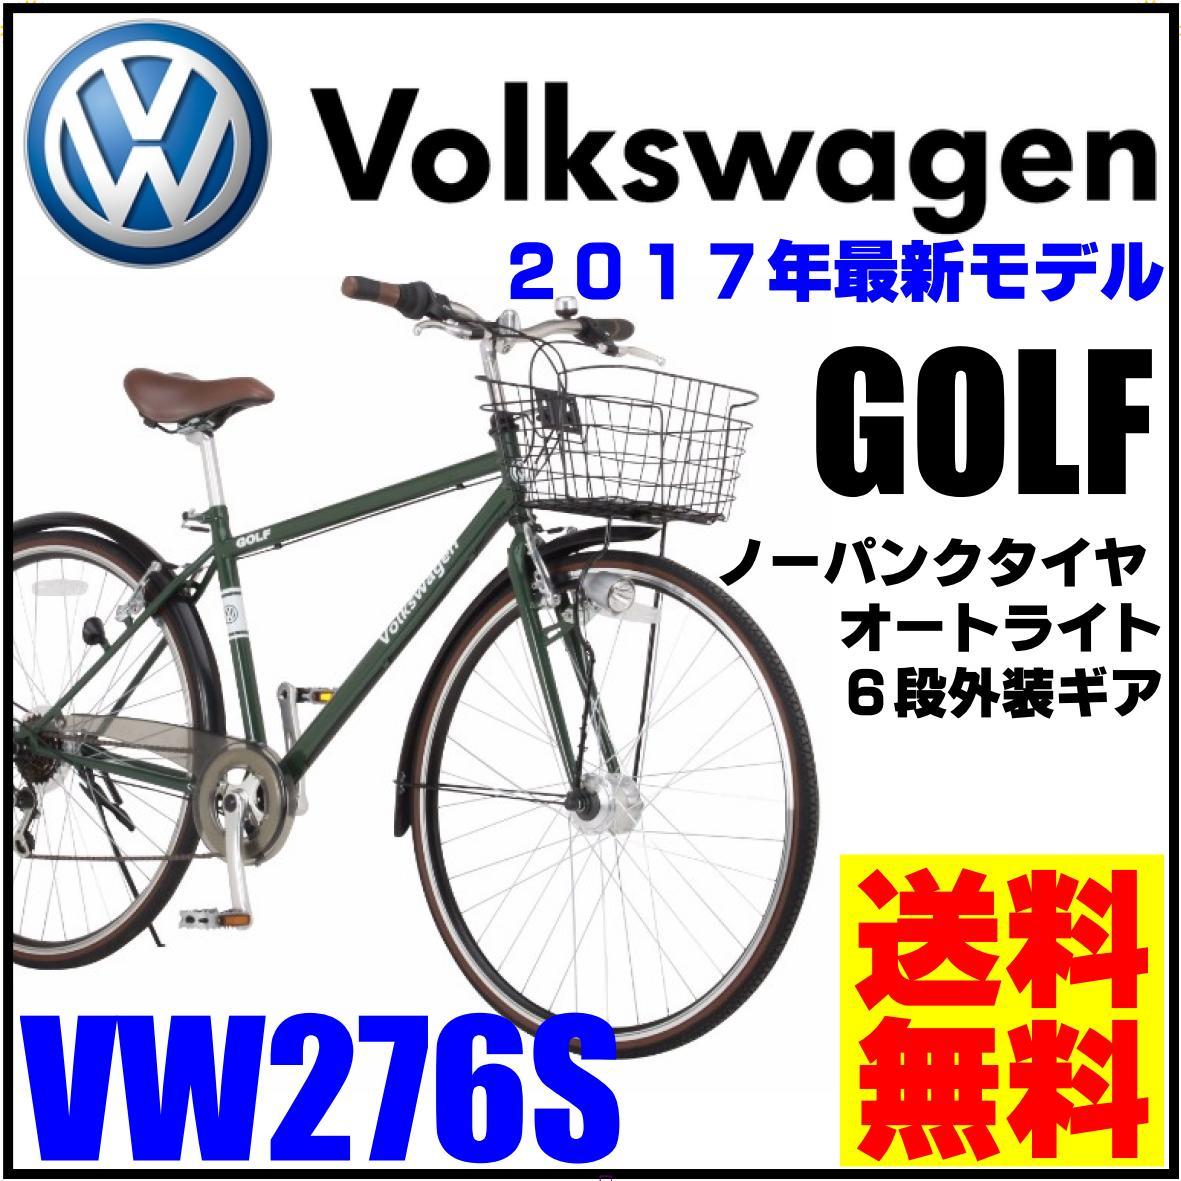 フォルクスワーゲン シティクロス Volkswagen 自転車 ダークグリーン 緑 700C 自転車 外装6段ギア フォルクスワーゲン ゴルフ VW-276S GOLF パンクしない自転車 オートライト